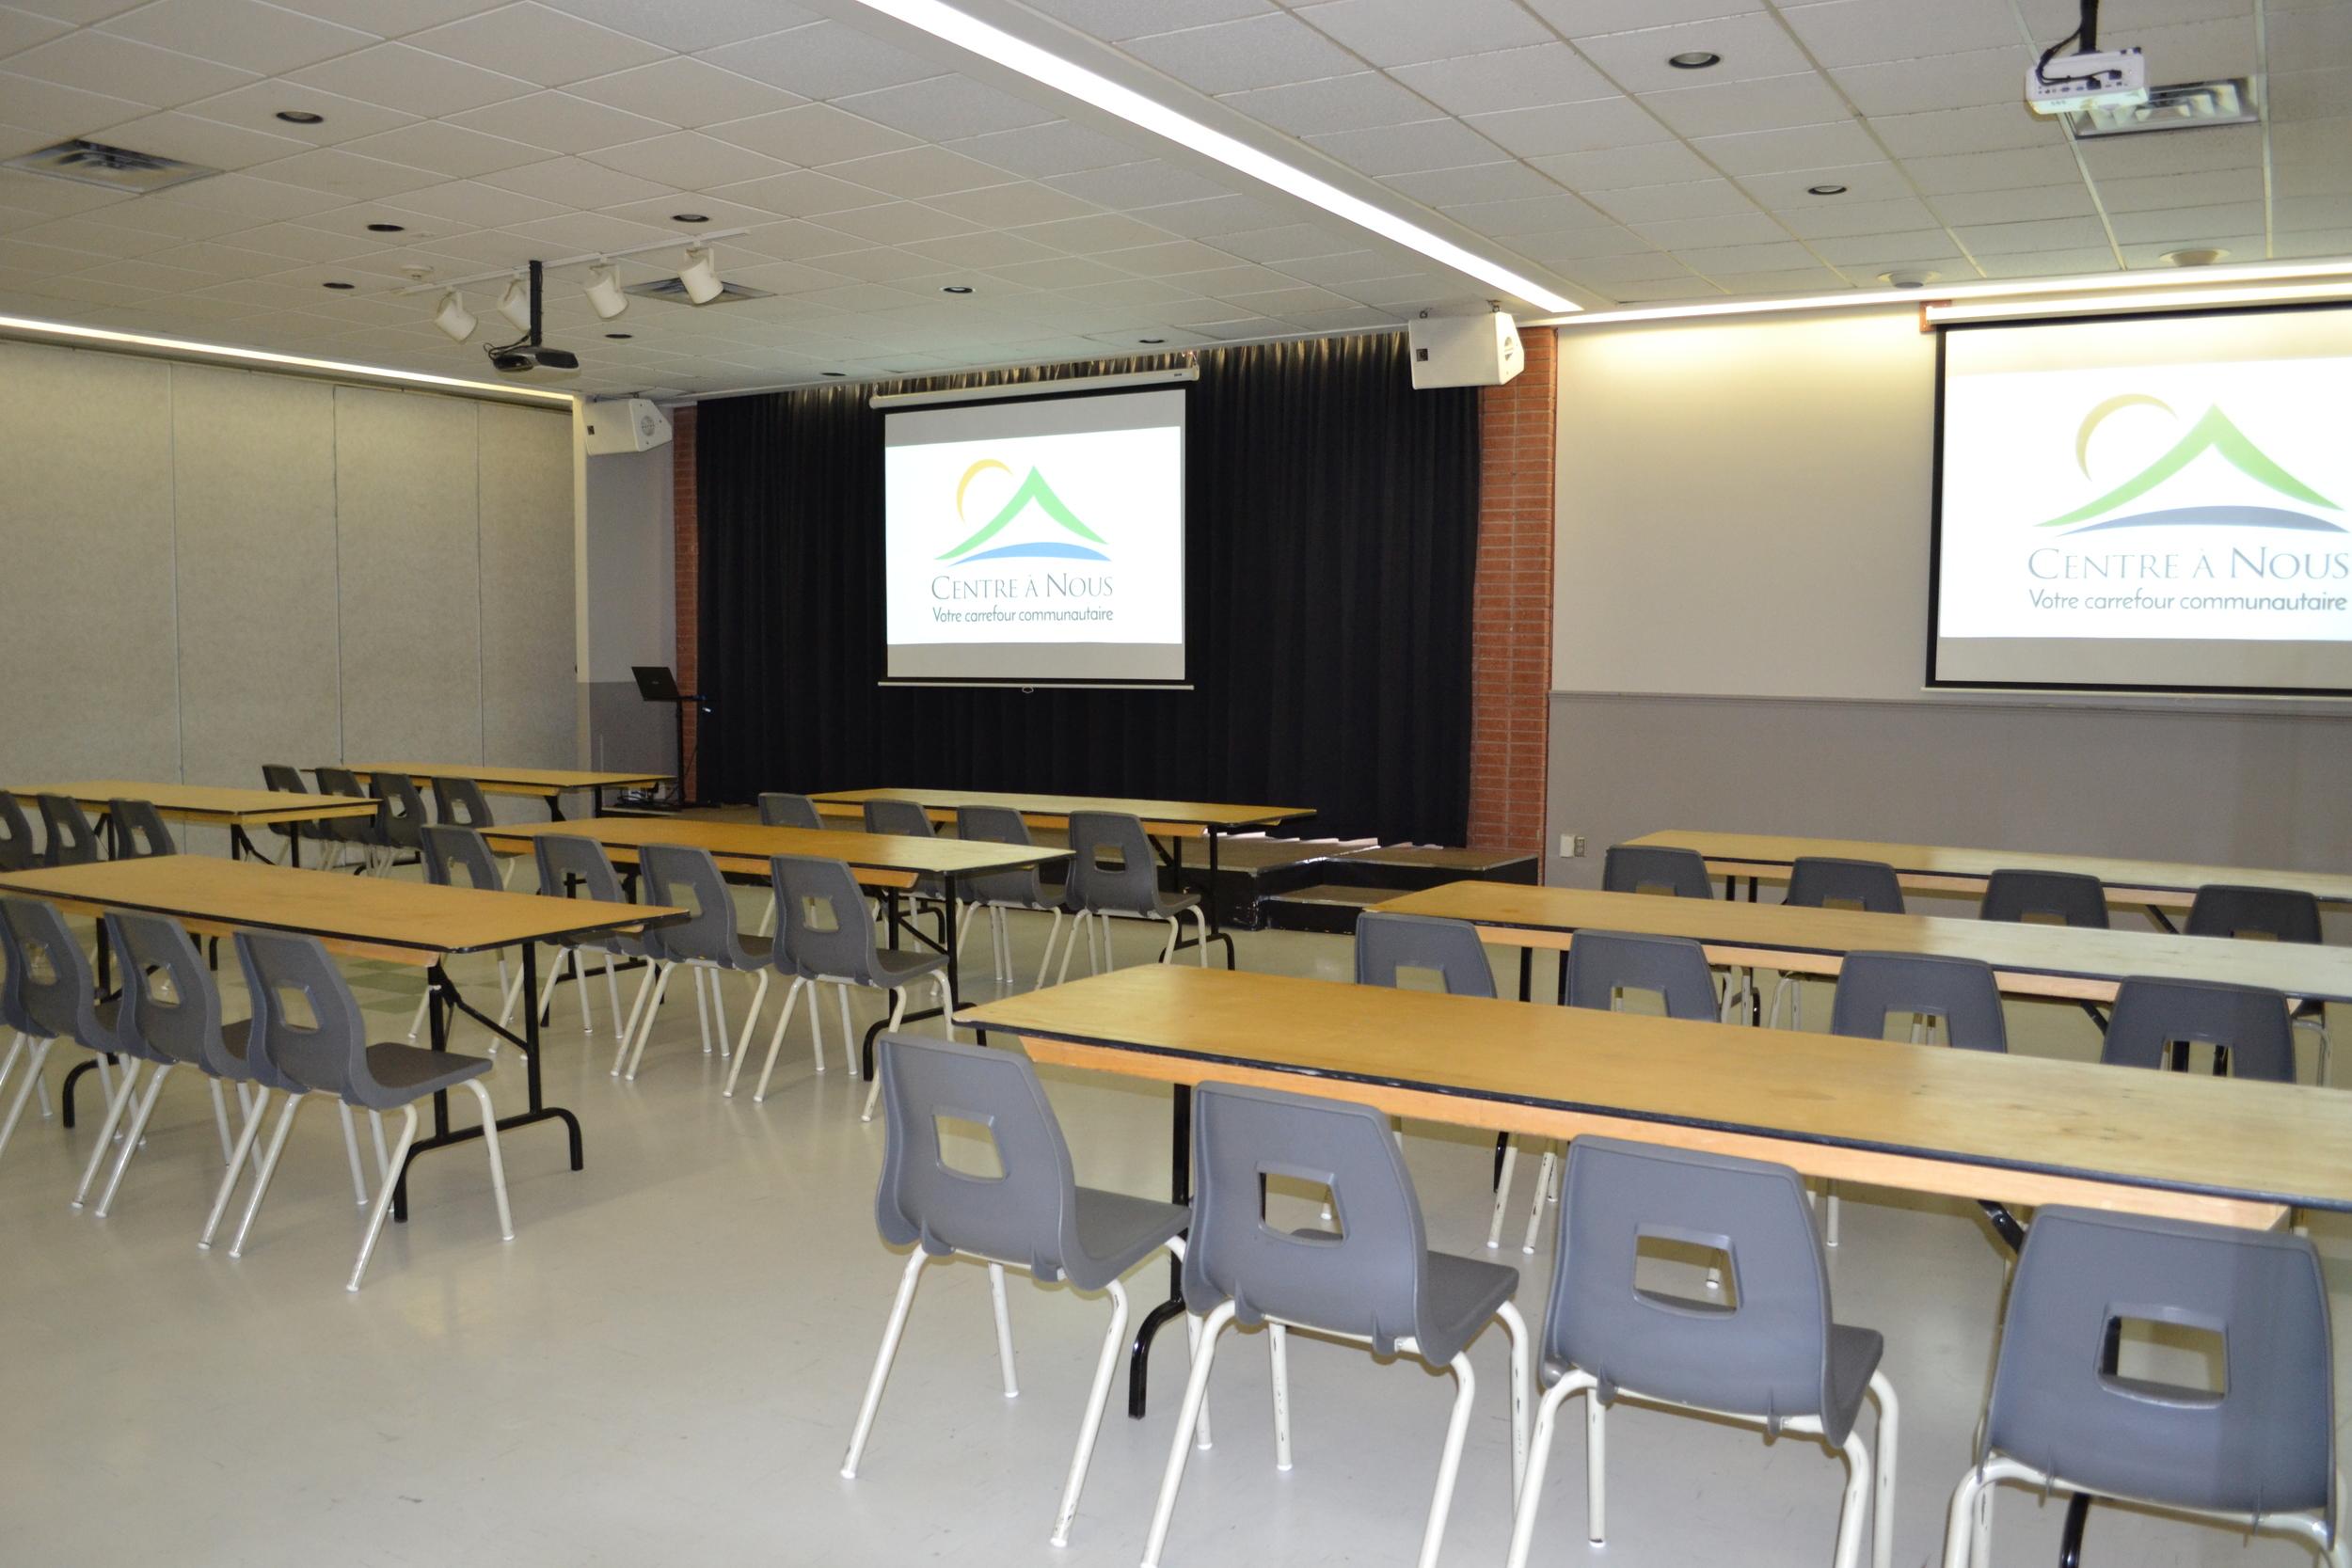 Salle Paul-Lapostolle 2/3 - style école